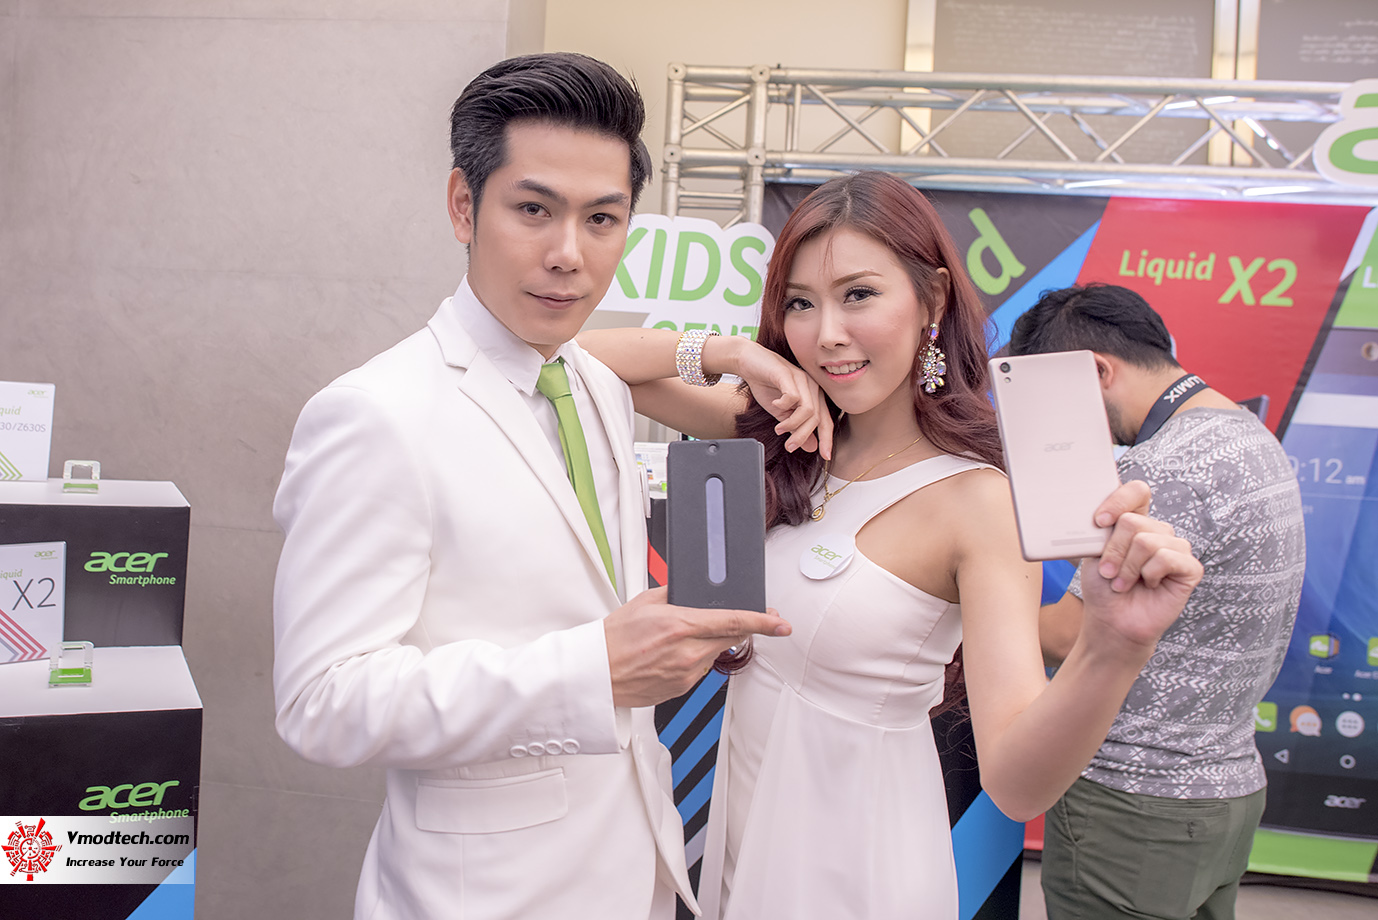 dsc 2639 ภาพบรรยากาศงานเปิดตัว เปิดตัว Acer Liquid X2 สมาร์ทโฟนเรือธง 3 ซิม แบต 4,000mAh